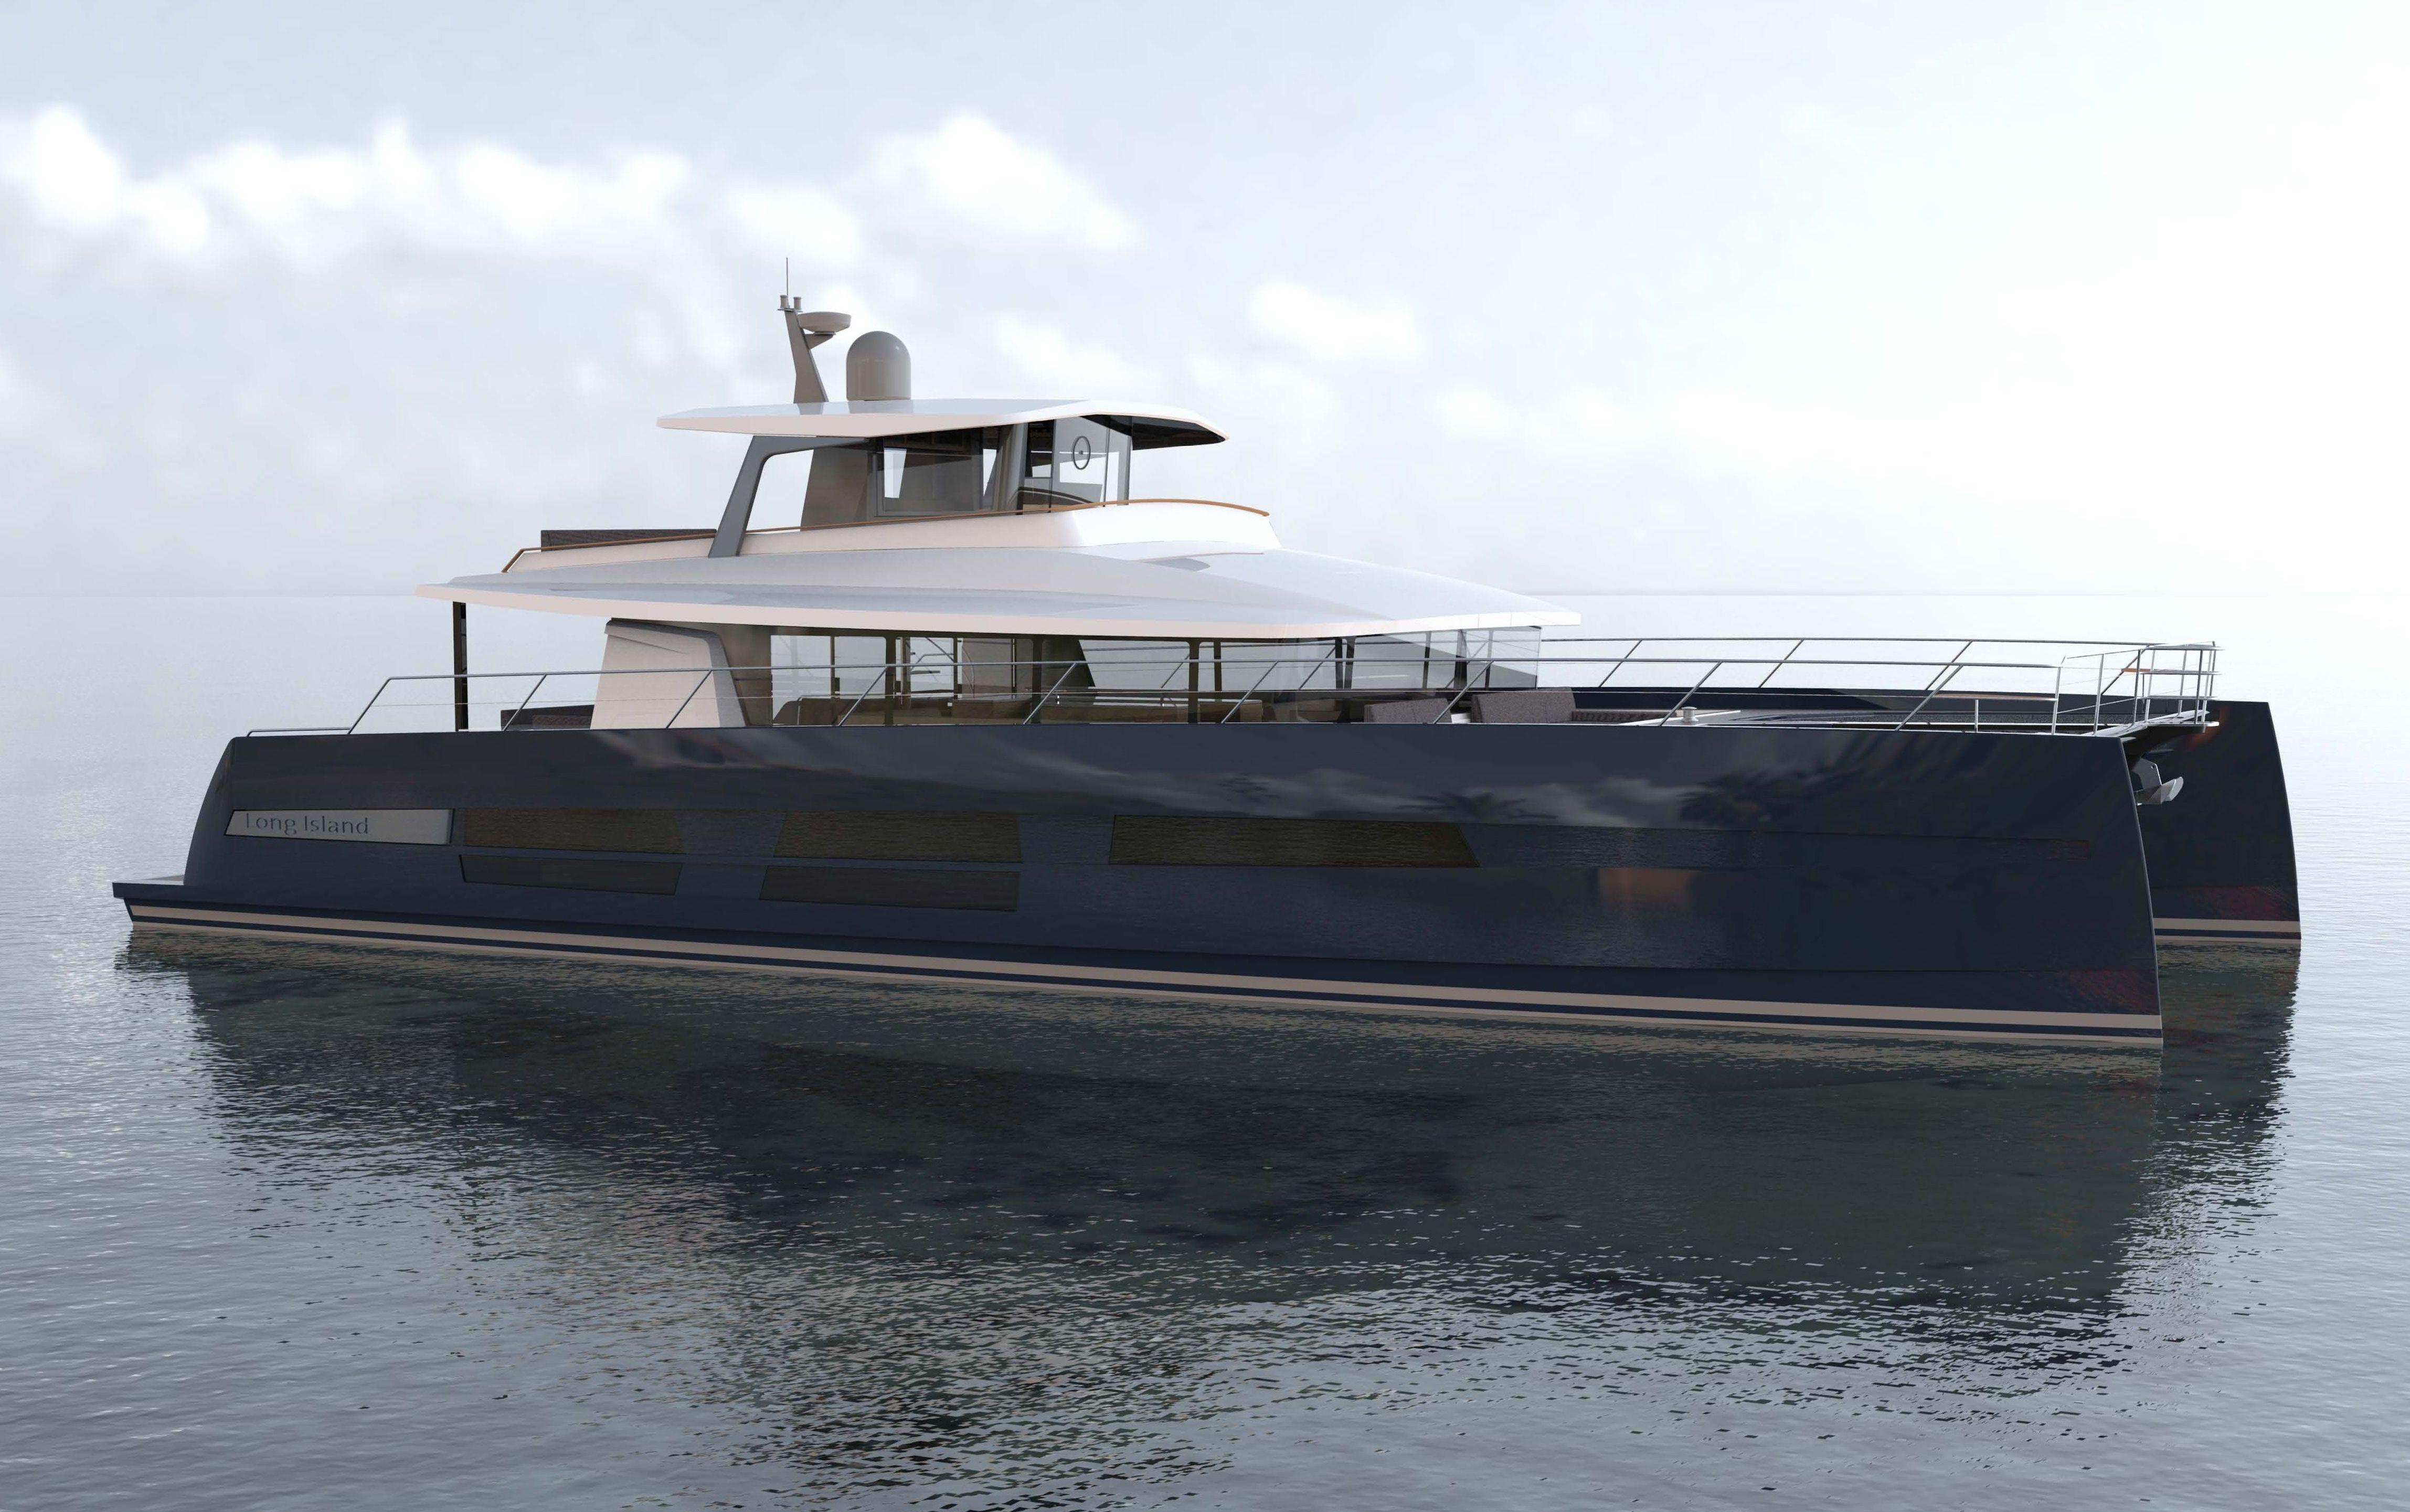 LONG ISLAND 78 catamaran motor yacht - Photo credit JFA Yachts